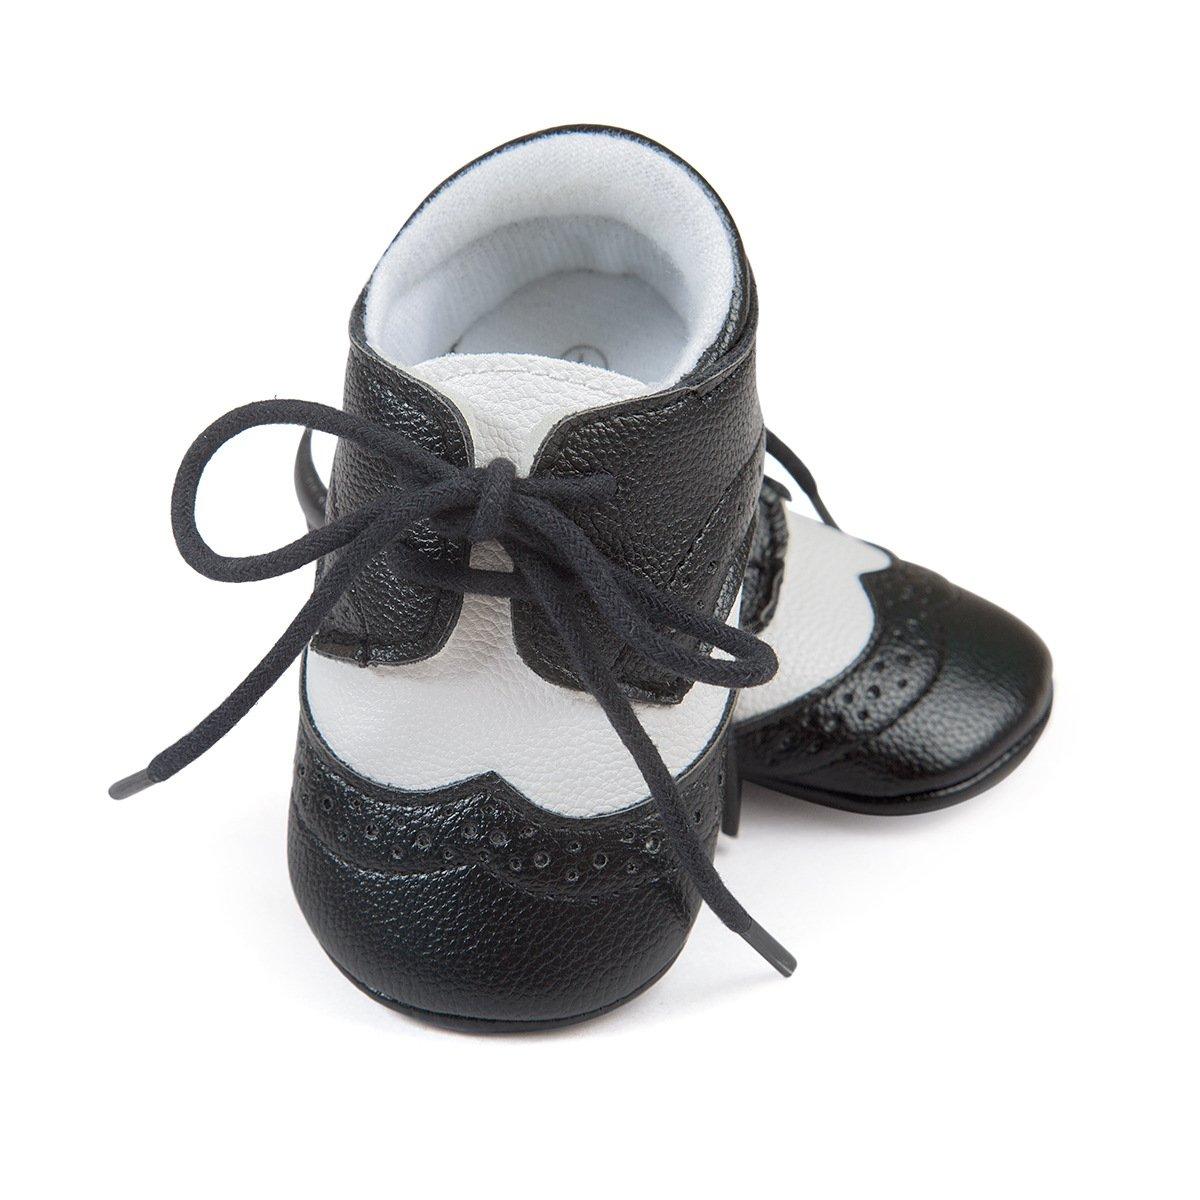 ESTAMICO Baby Jungen PU Schn/ürsenkel Lauflernschuhe Braun 0-6 Monate